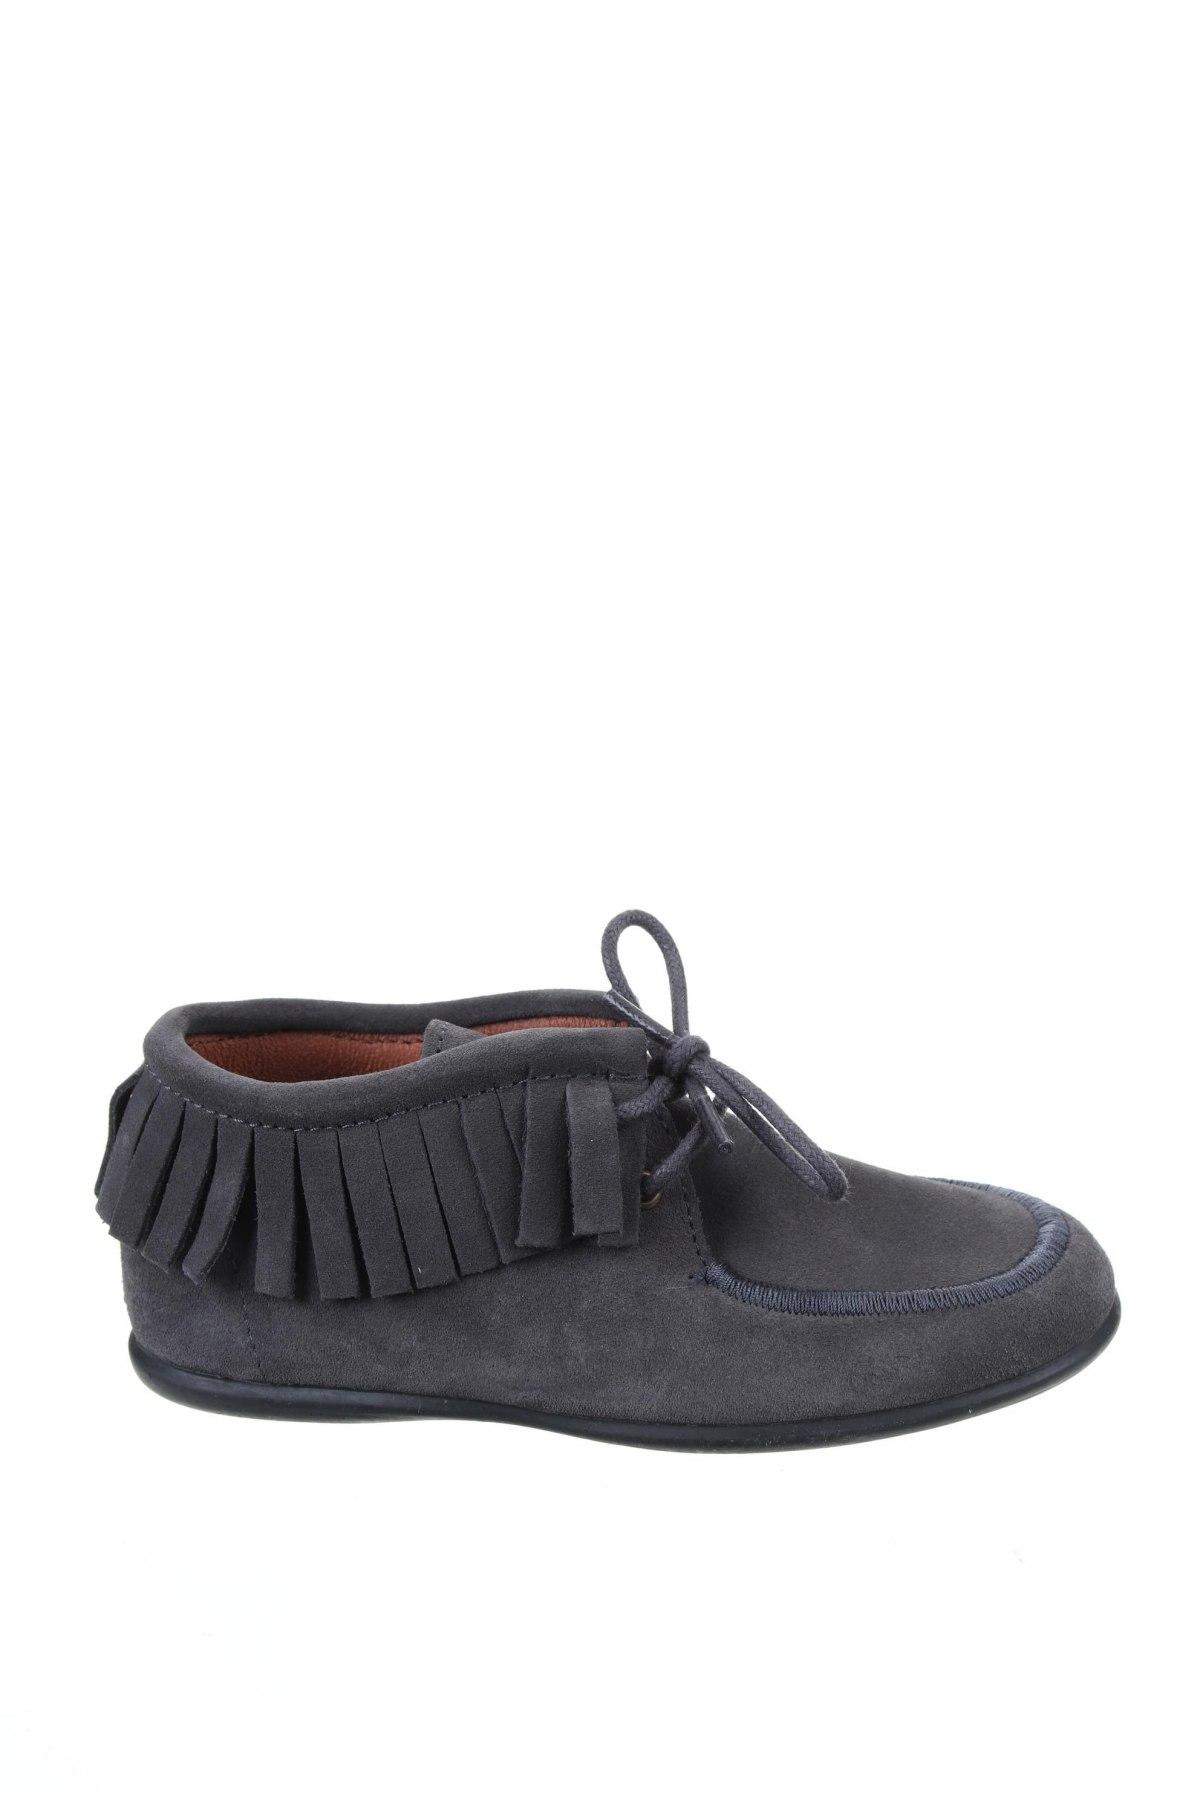 Детски обувки Neck & Neck, Размер 29, Цвят Сив, Естествен велур, Цена 28,34лв.